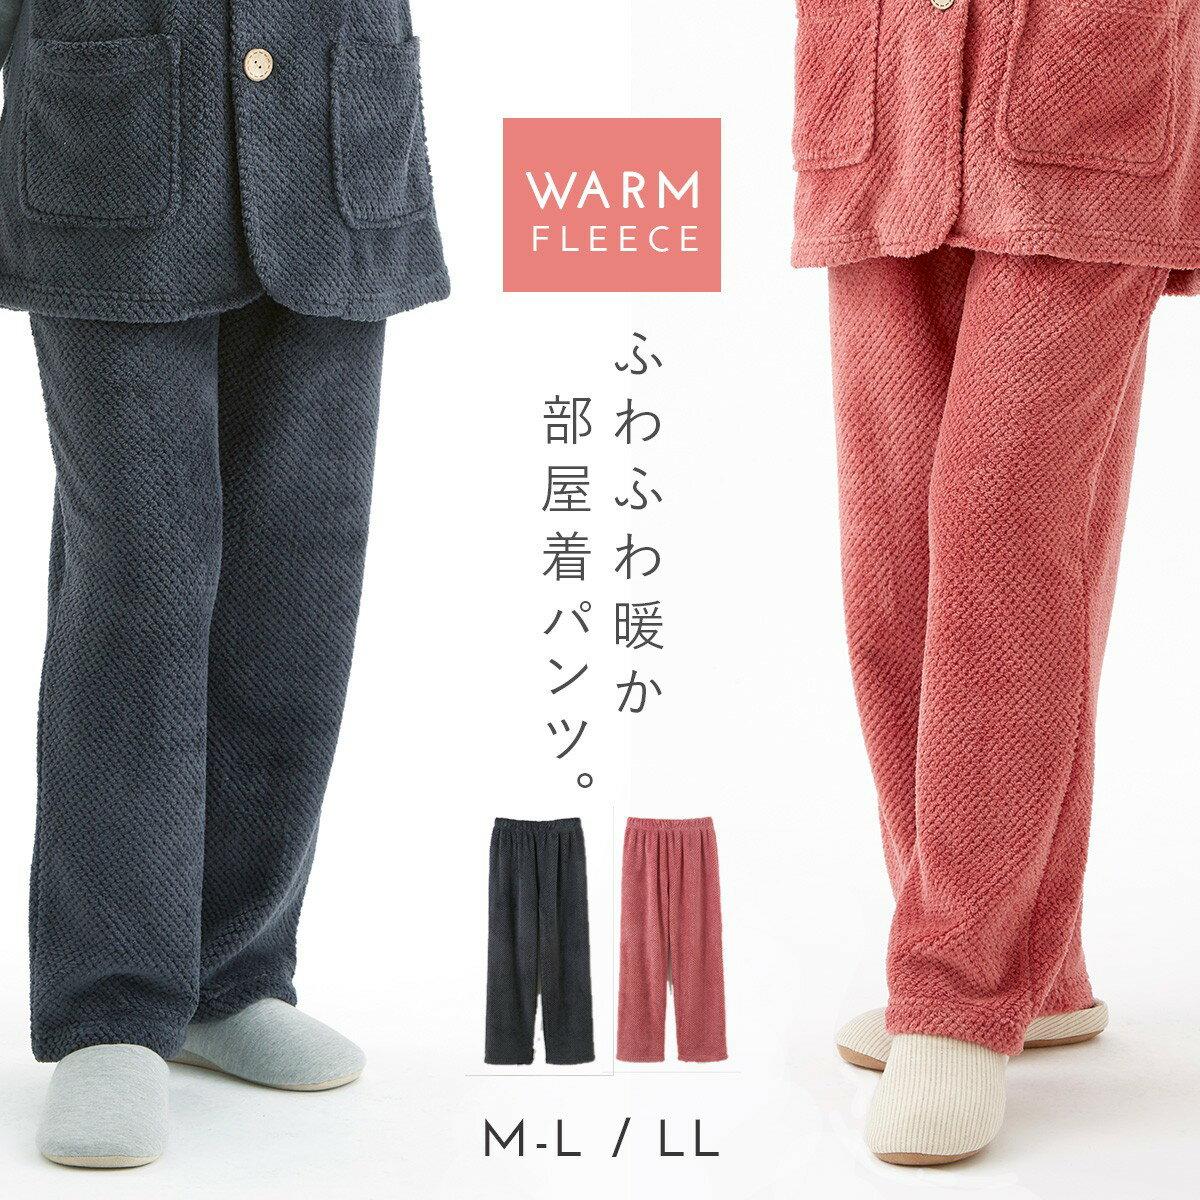 パンツ ルームウェア レディース モコモコ あったか フリース あったかふわふわホームパンツ レディースファッション